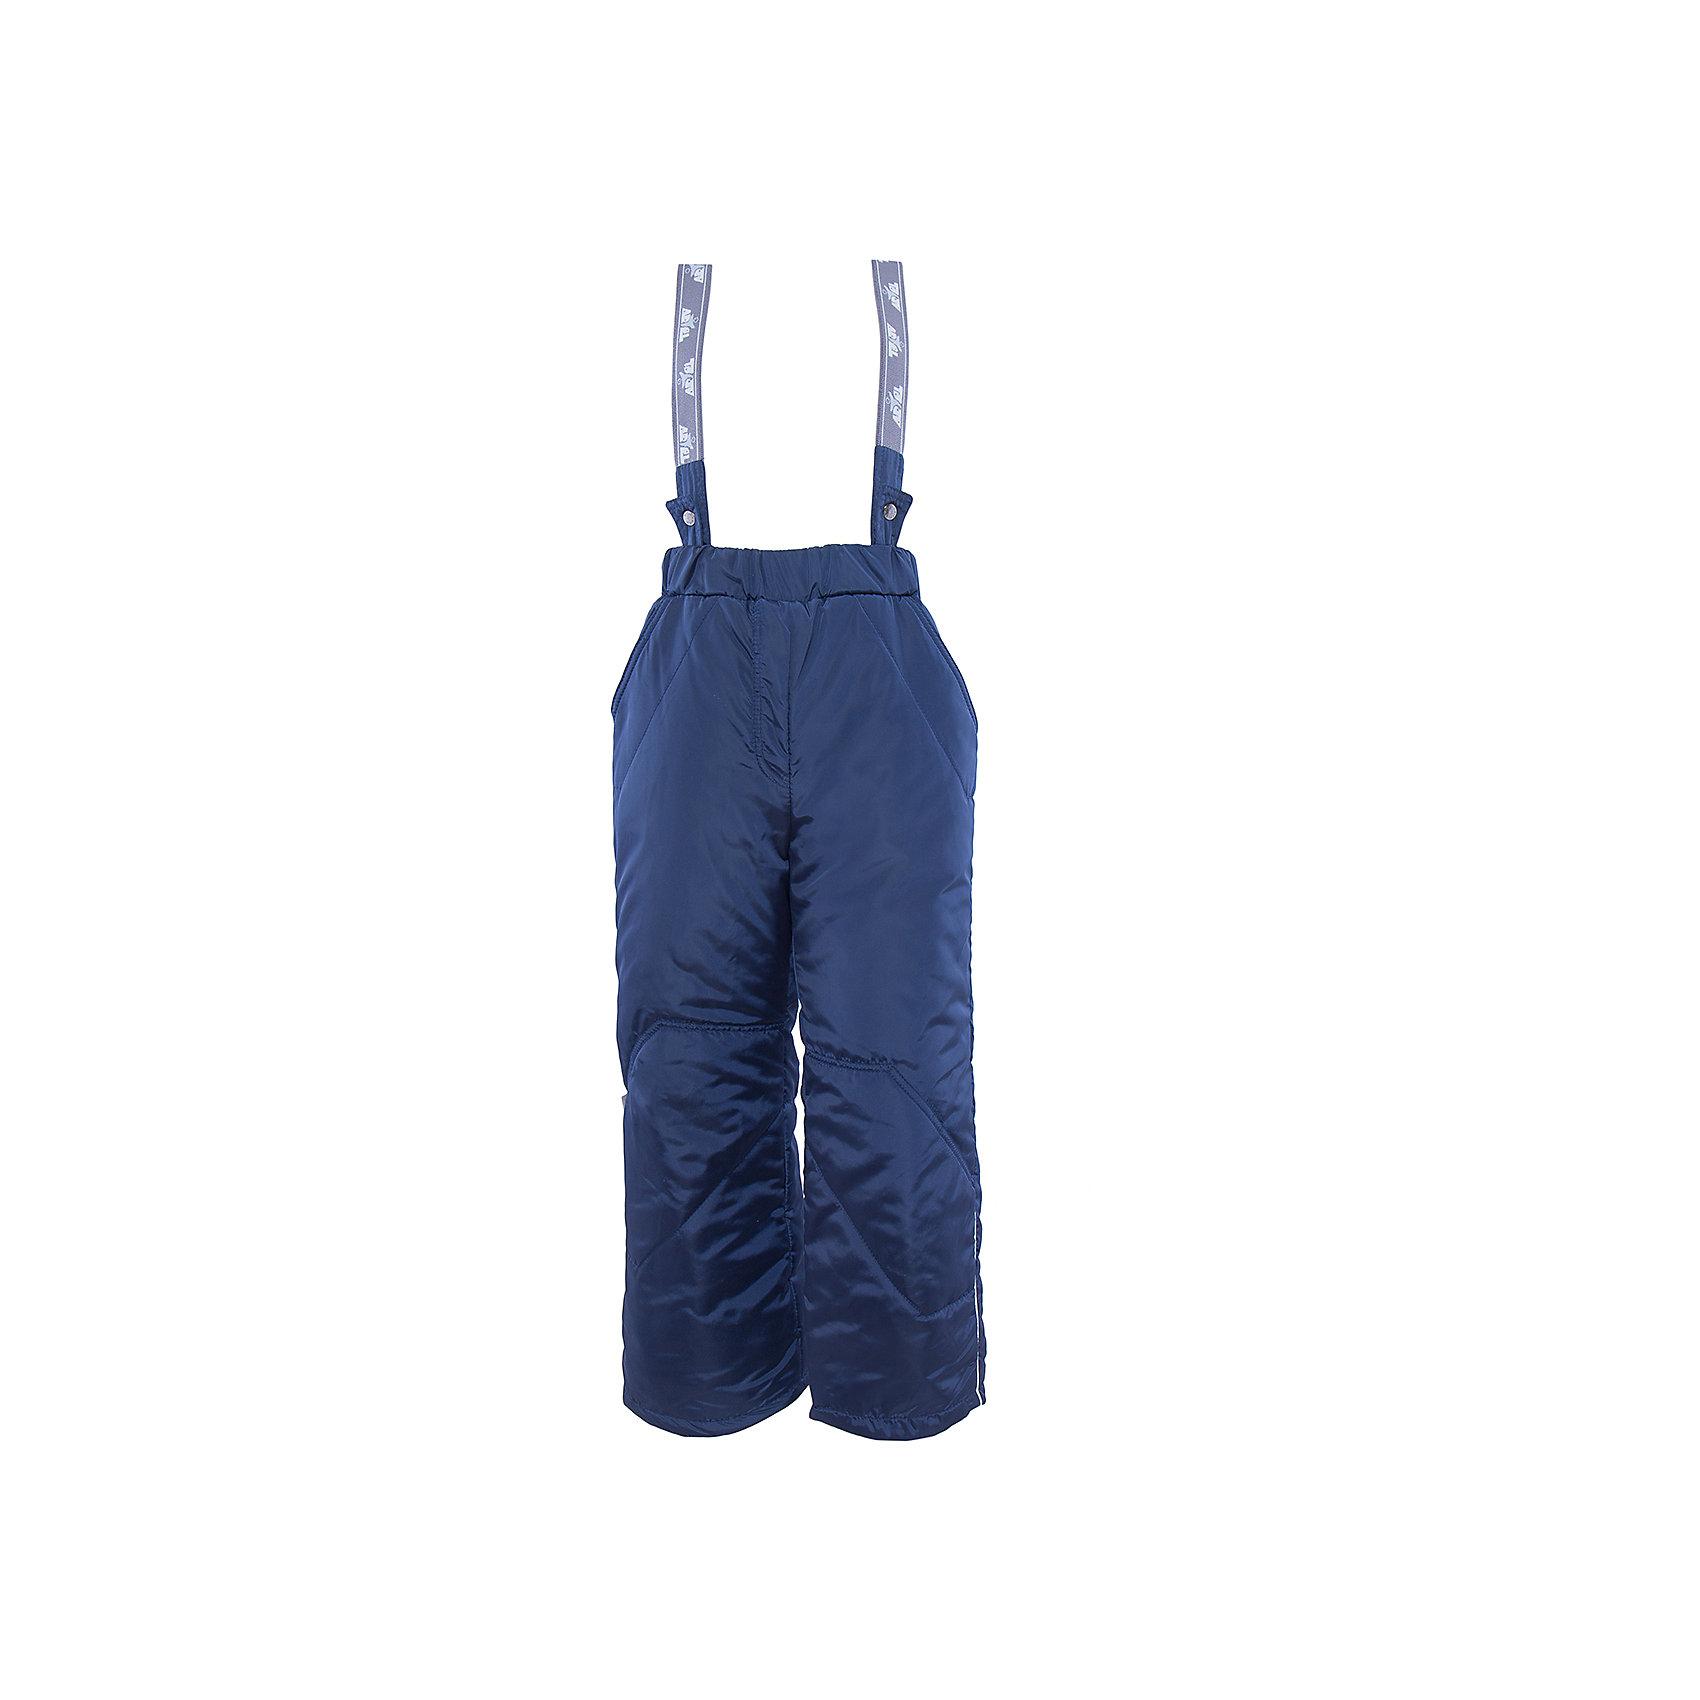 Брюки для мальчика АртельВерхняя одежда<br>Брюки для мальчика от известного бренда Артель<br>Утепленные брюки для мальчика со съемной спинкой. Эта модель универсальна, т.к. может использоваться как полукомбинезон и просто как брюки. Сзади спинка крепится на молнию<br>Состав:<br>Верх: PRINCE<br>Подкладка: тиси<br>Утеплитель: термофайбер 100гр<br><br>Ширина мм: 215<br>Глубина мм: 88<br>Высота мм: 191<br>Вес г: 336<br>Цвет: синий<br>Возраст от месяцев: 72<br>Возраст до месяцев: 84<br>Пол: Мужской<br>Возраст: Детский<br>Размер: 128,134,140,146,152,158,122,164<br>SKU: 4963865